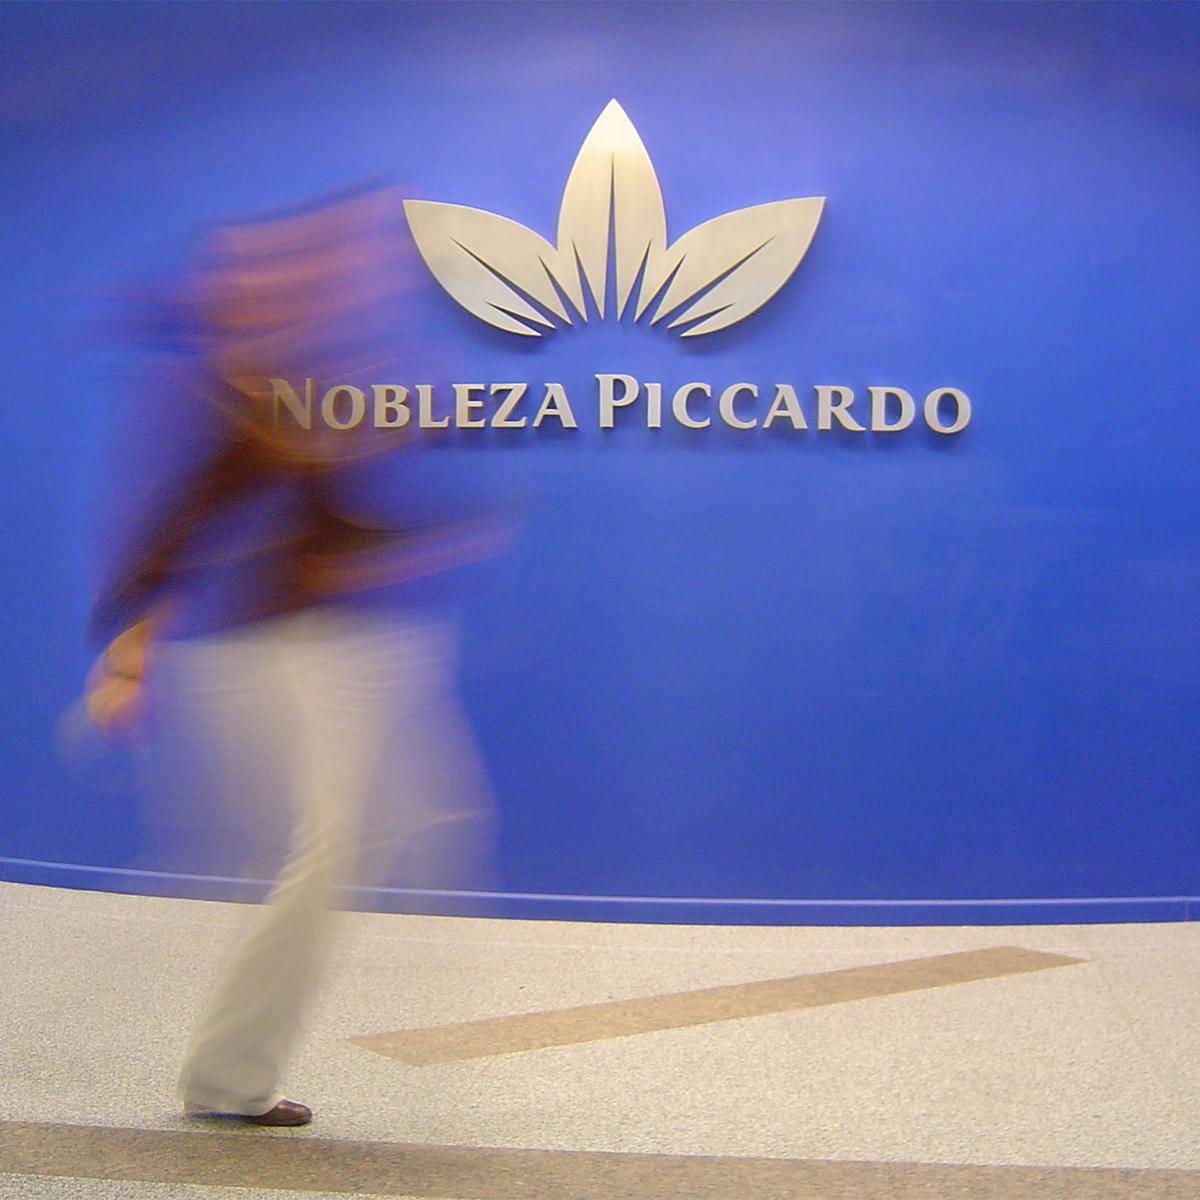 Nobleza Piccardo / Argentina / Ambientación gráfica